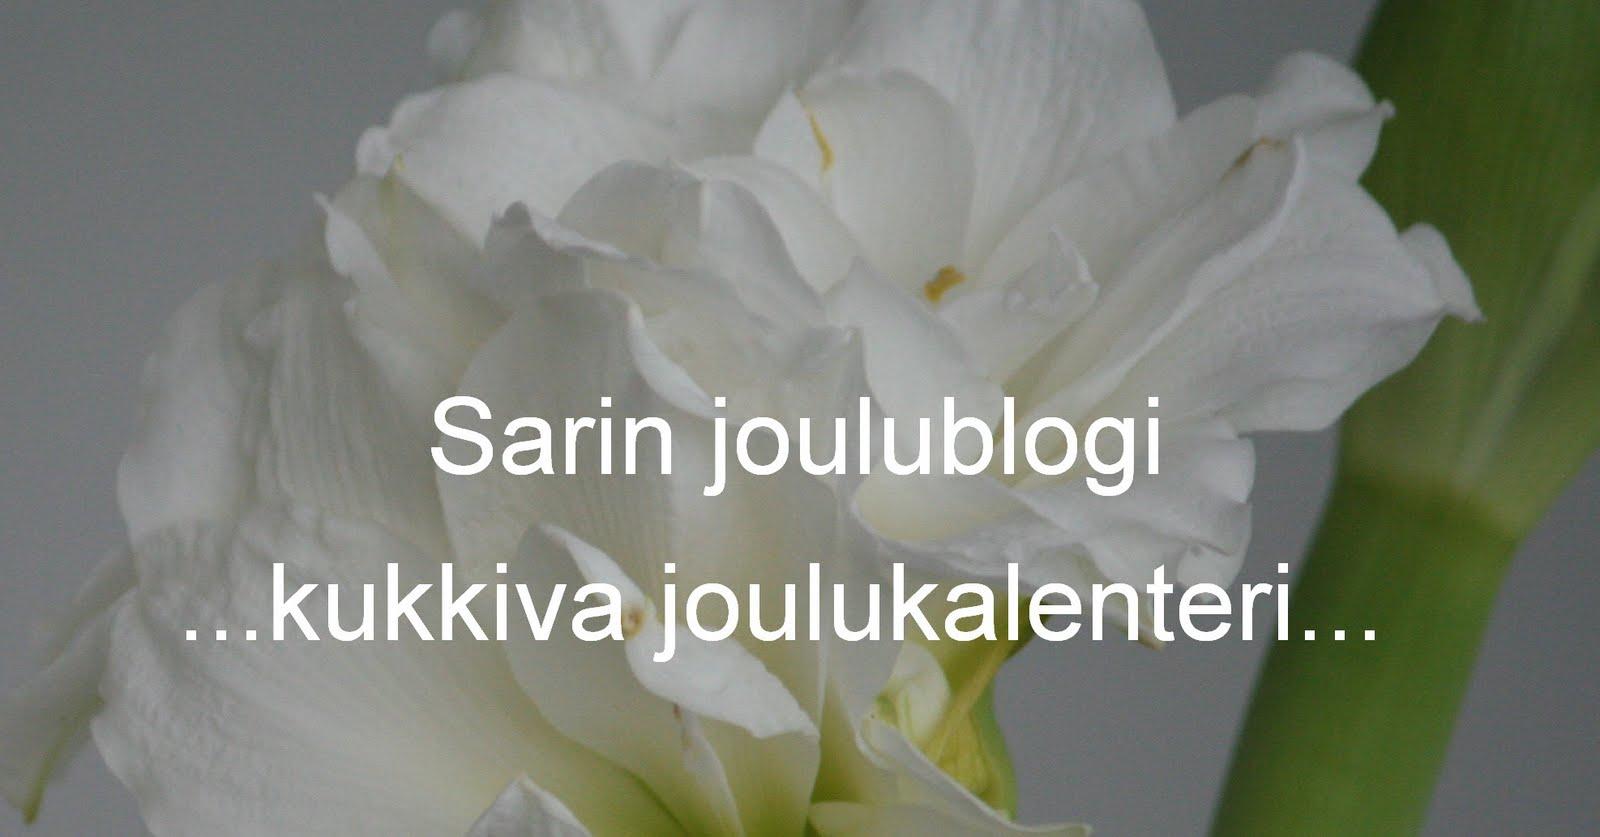 Sarin puutarhat: Kukkiva joulukalenteri Sarin joulublogissa